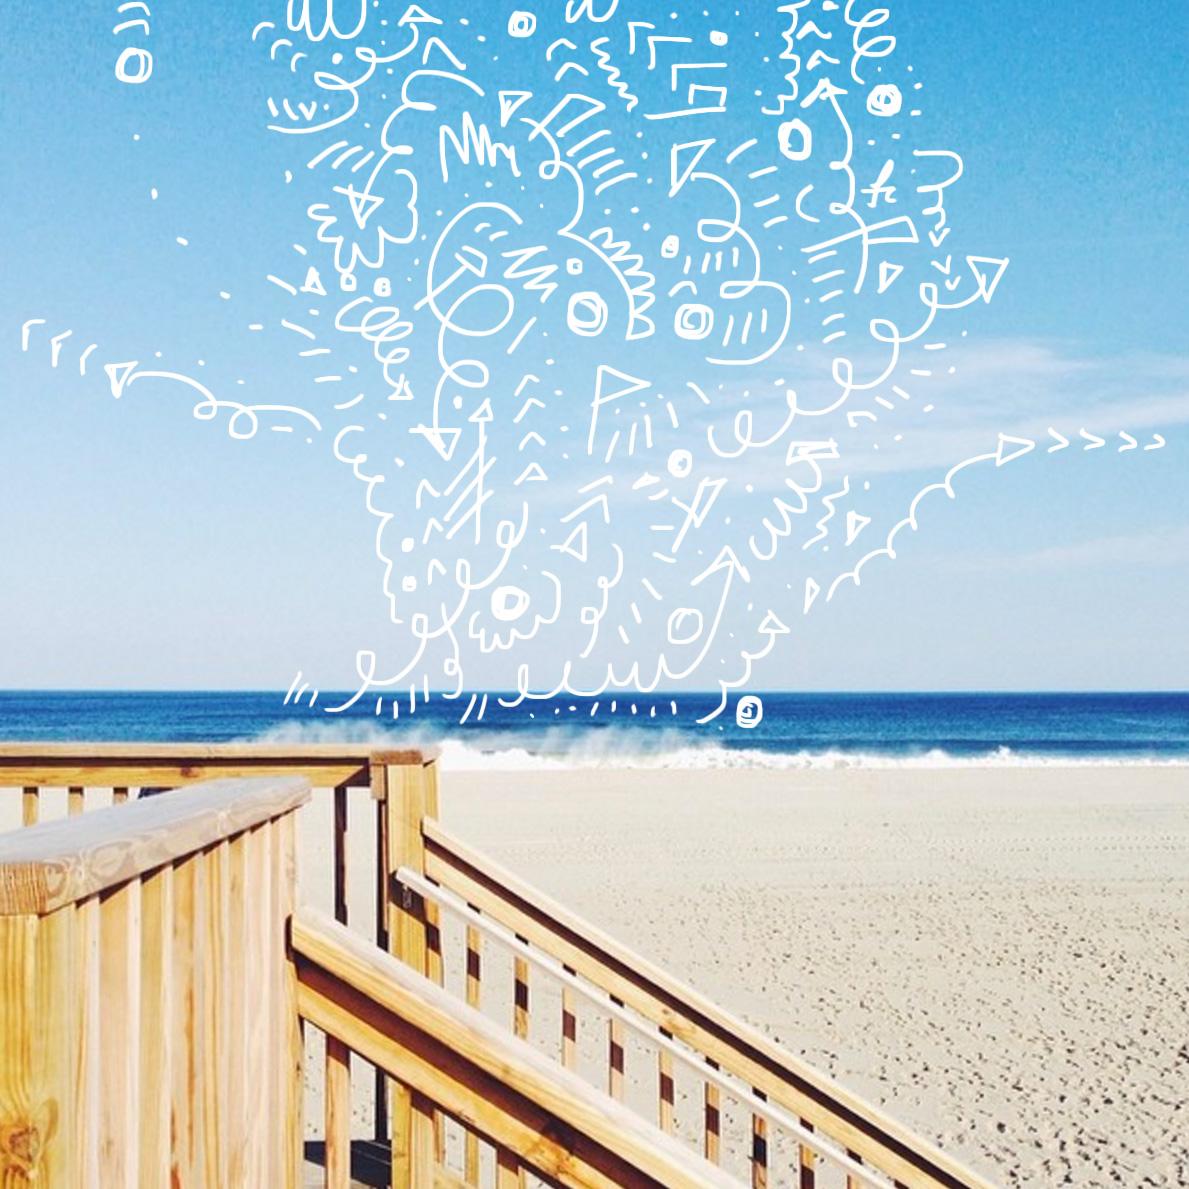 E_1188 beach rise.jpg